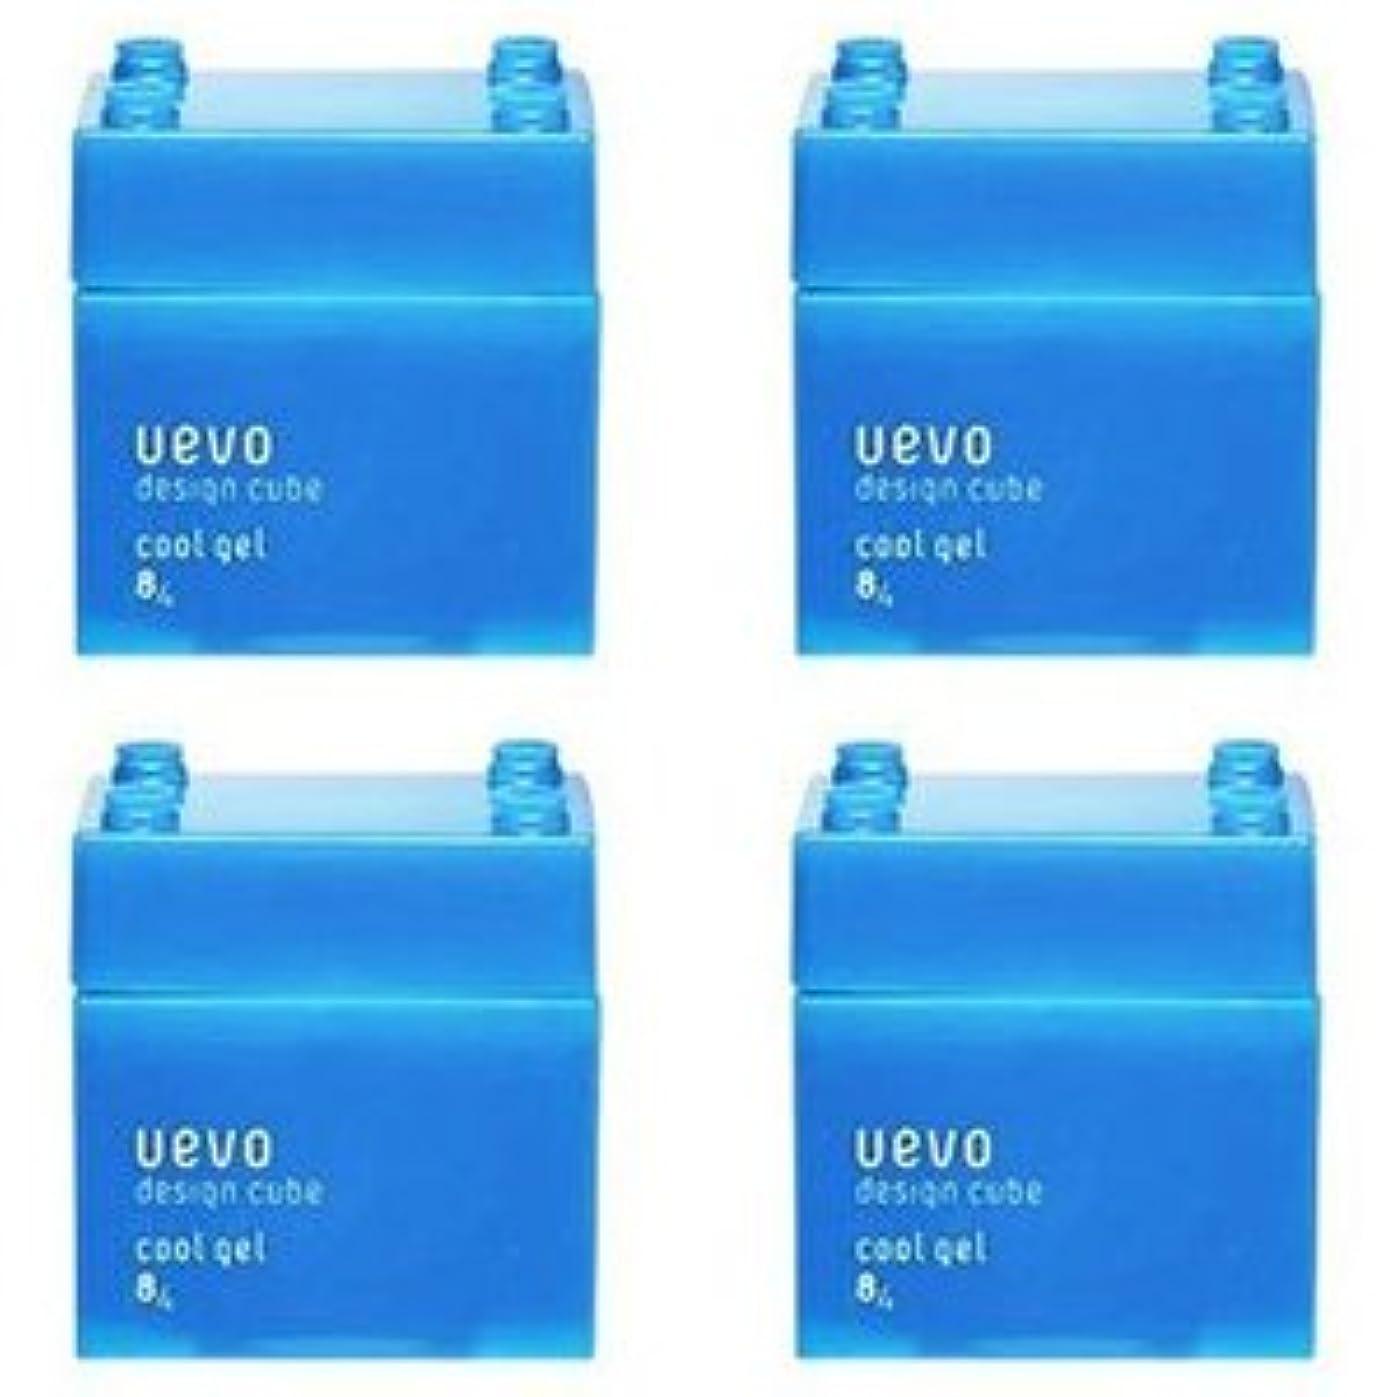 風邪をひく弁護士程度【X4個セット】 デミ ウェーボ デザインキューブ クールジェル 80g cool gel DEMI uevo design cube